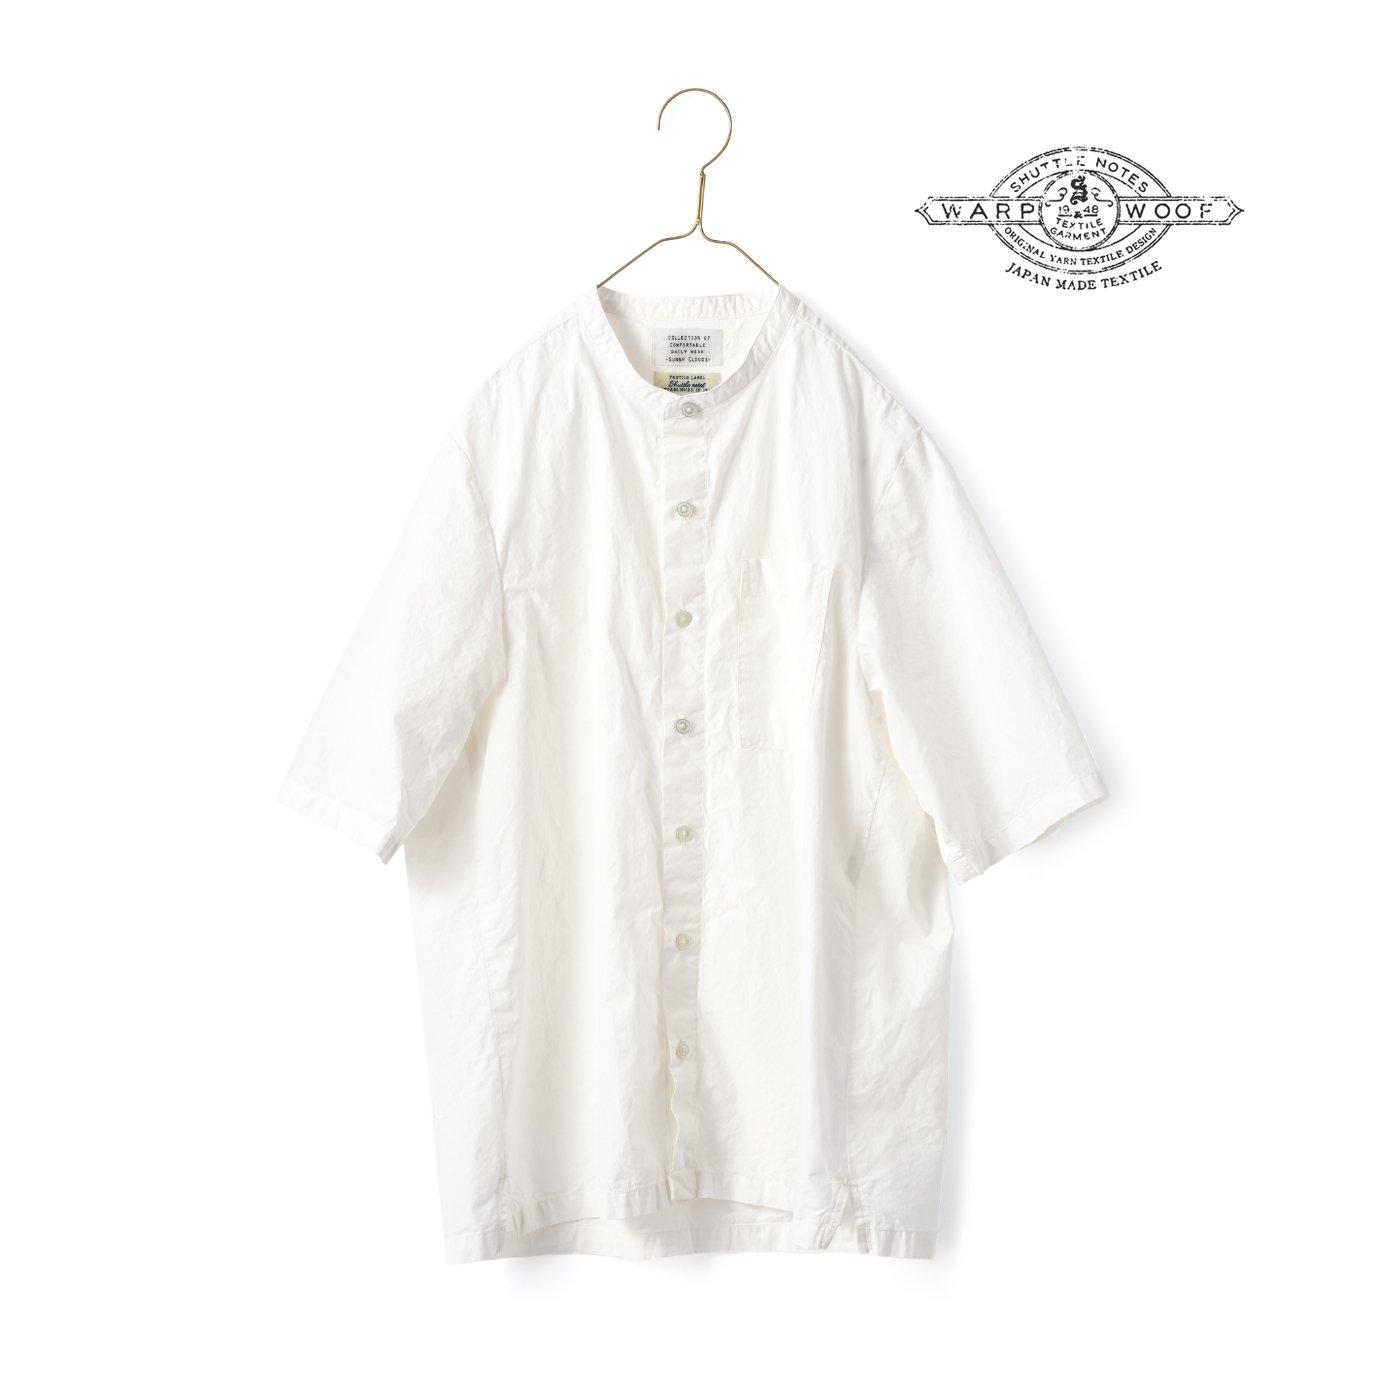 サニークラウズ feat. Shuttle Notes 男前なスタンドカラーシャツ白